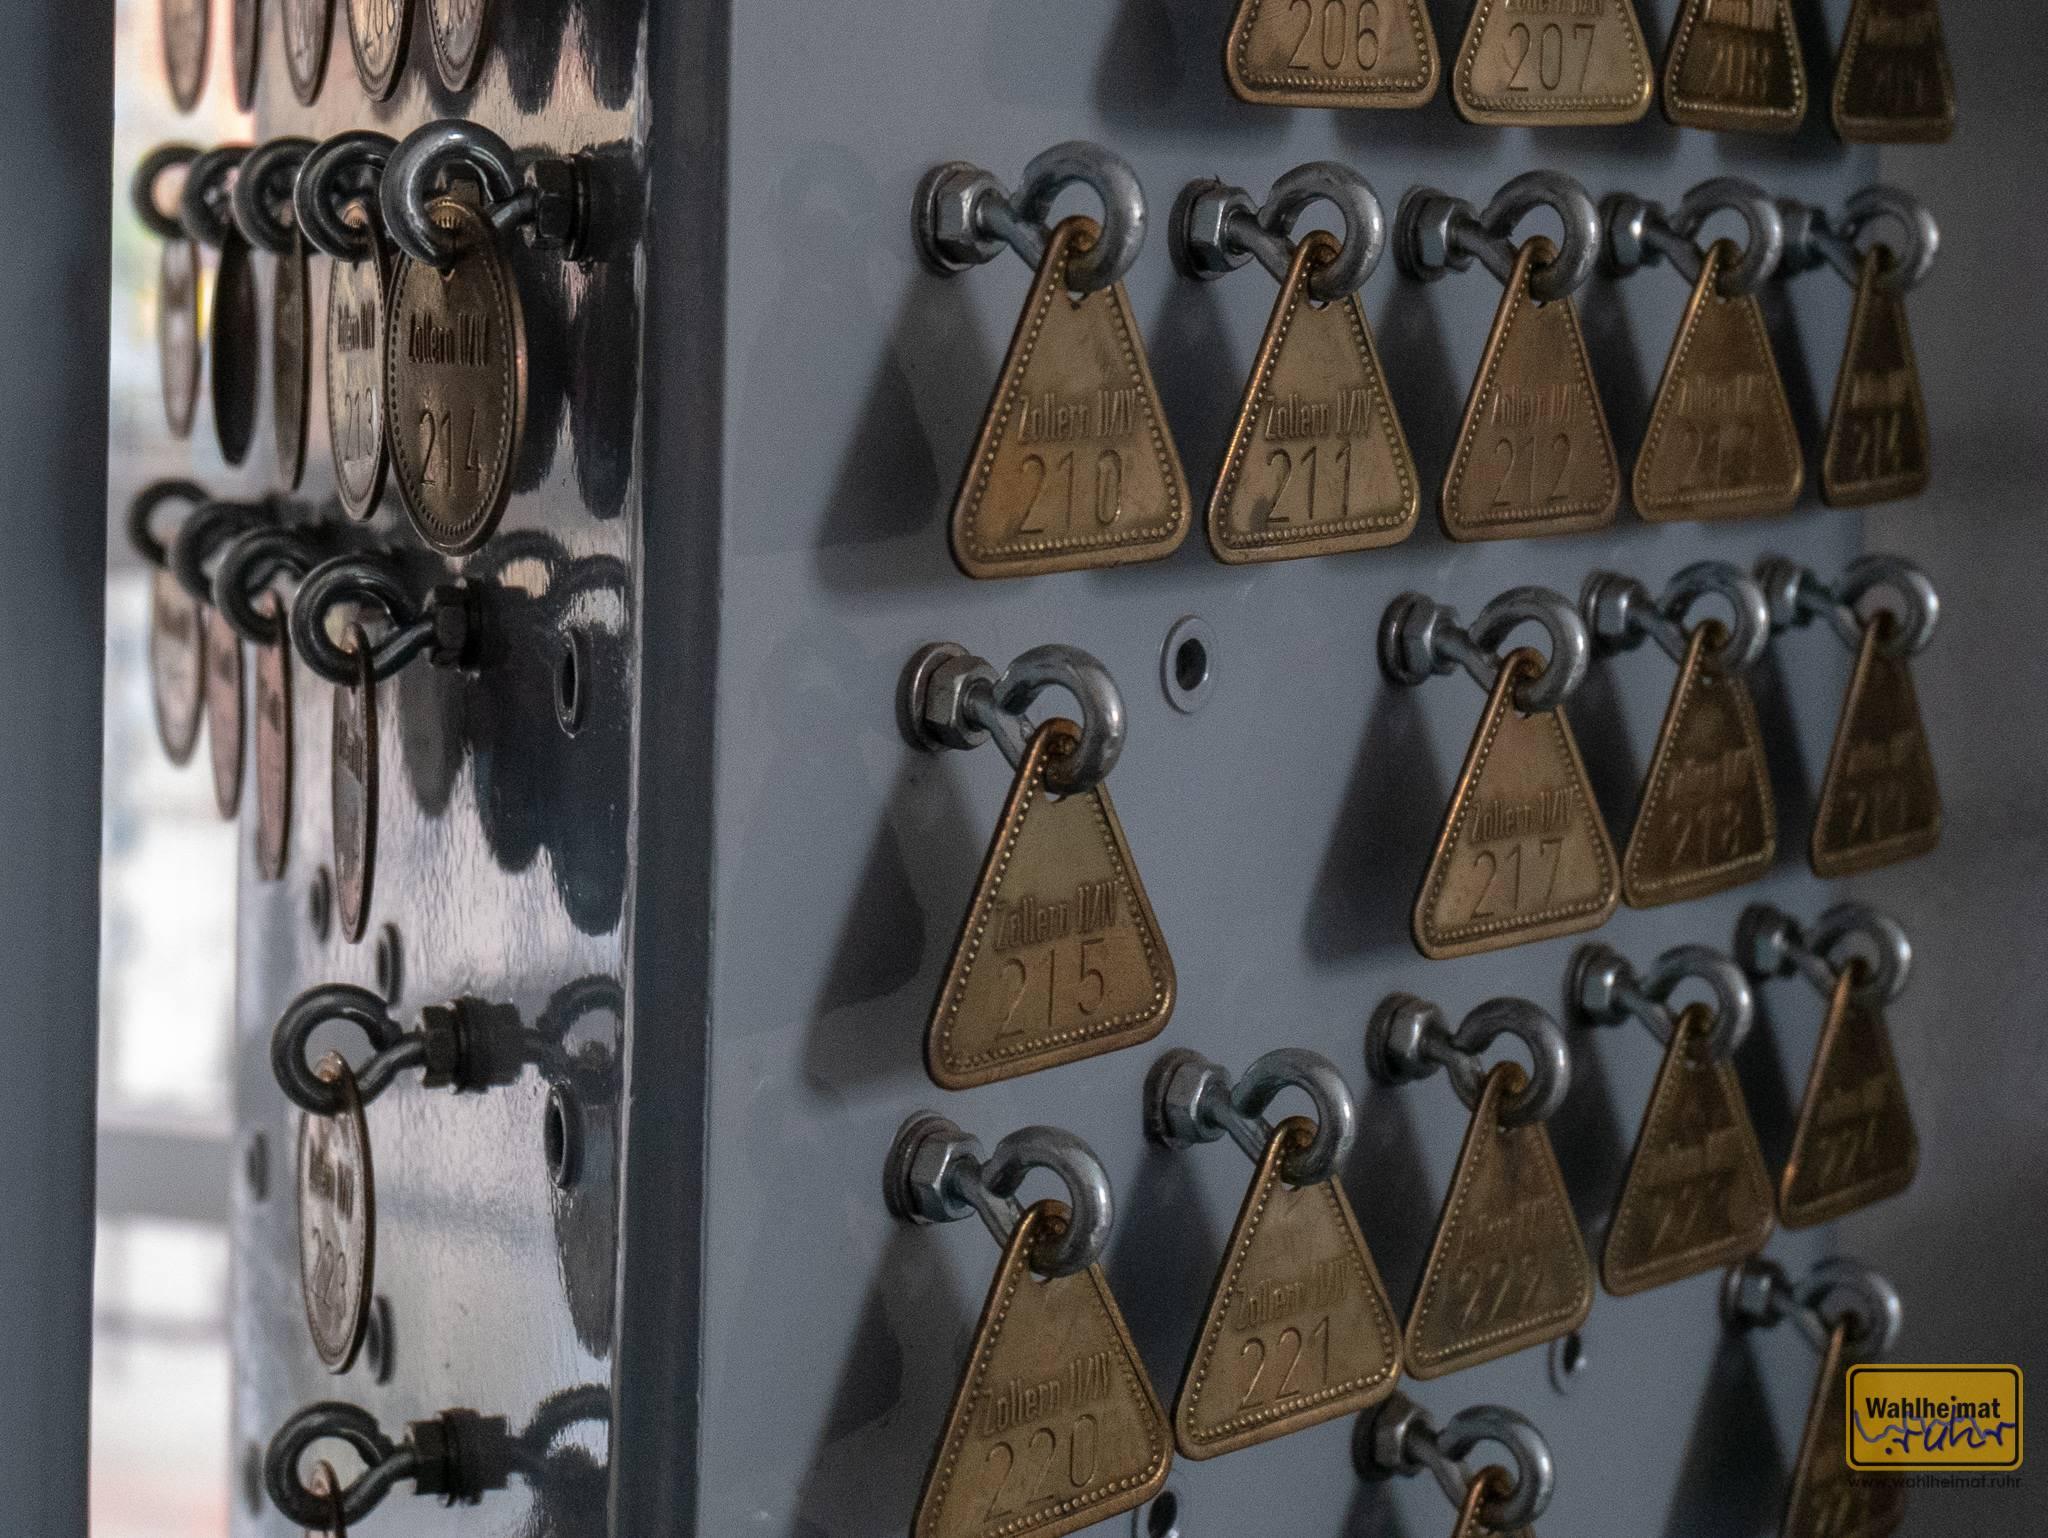 In der ehemaligen Markenstube - hier bekam jeder Bergmann eine Marke, wenn er einfuhr. Je nach Schicht verwendete man unterschiedliche Formen.